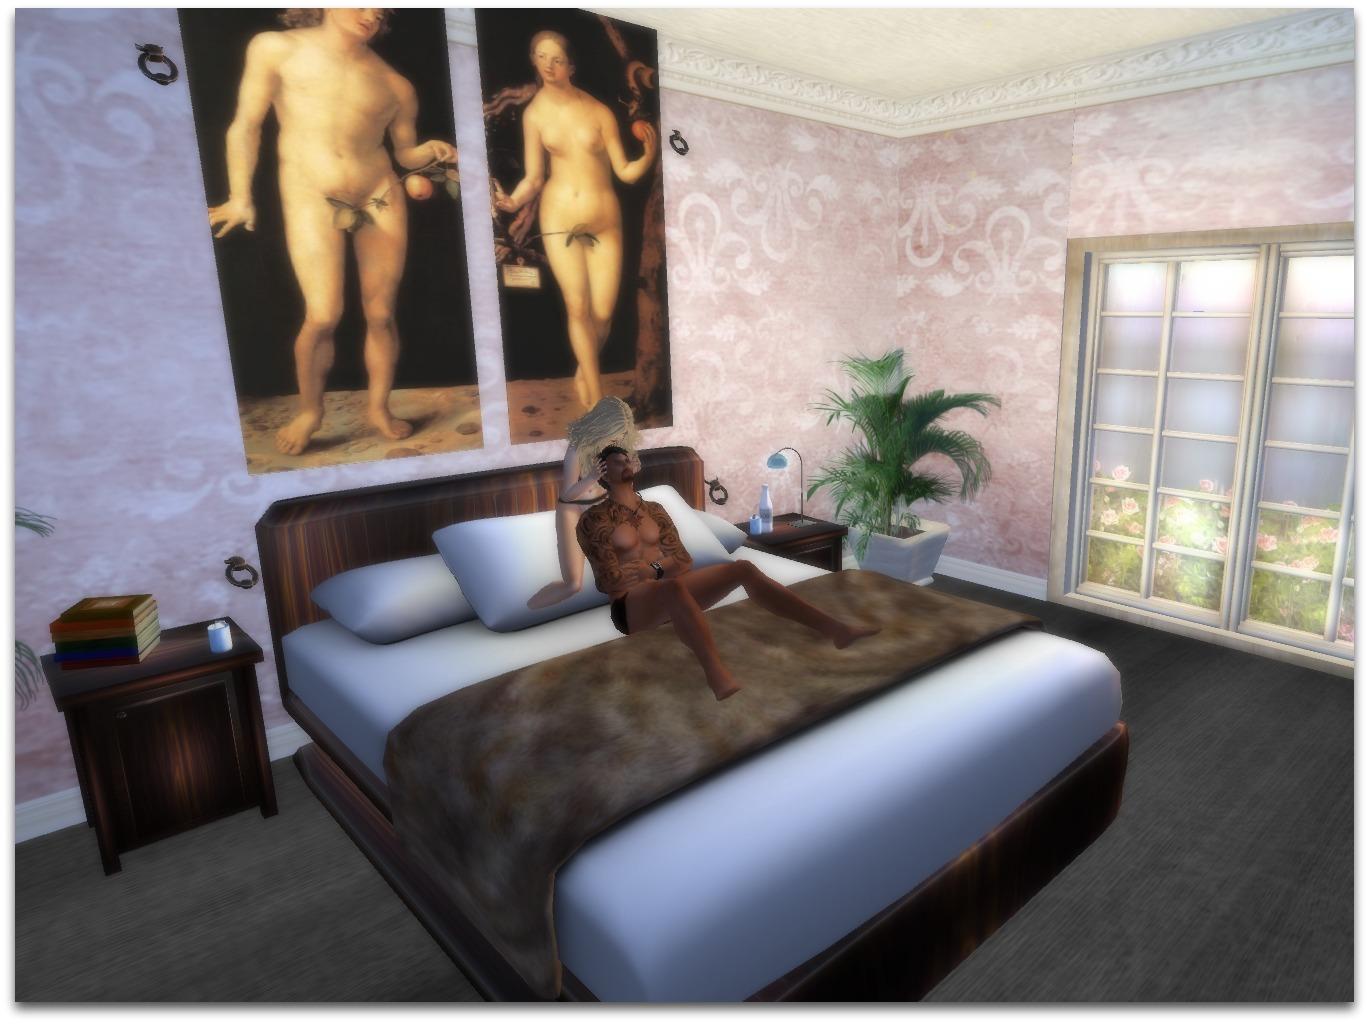 Adam & Eve Bedroom Set